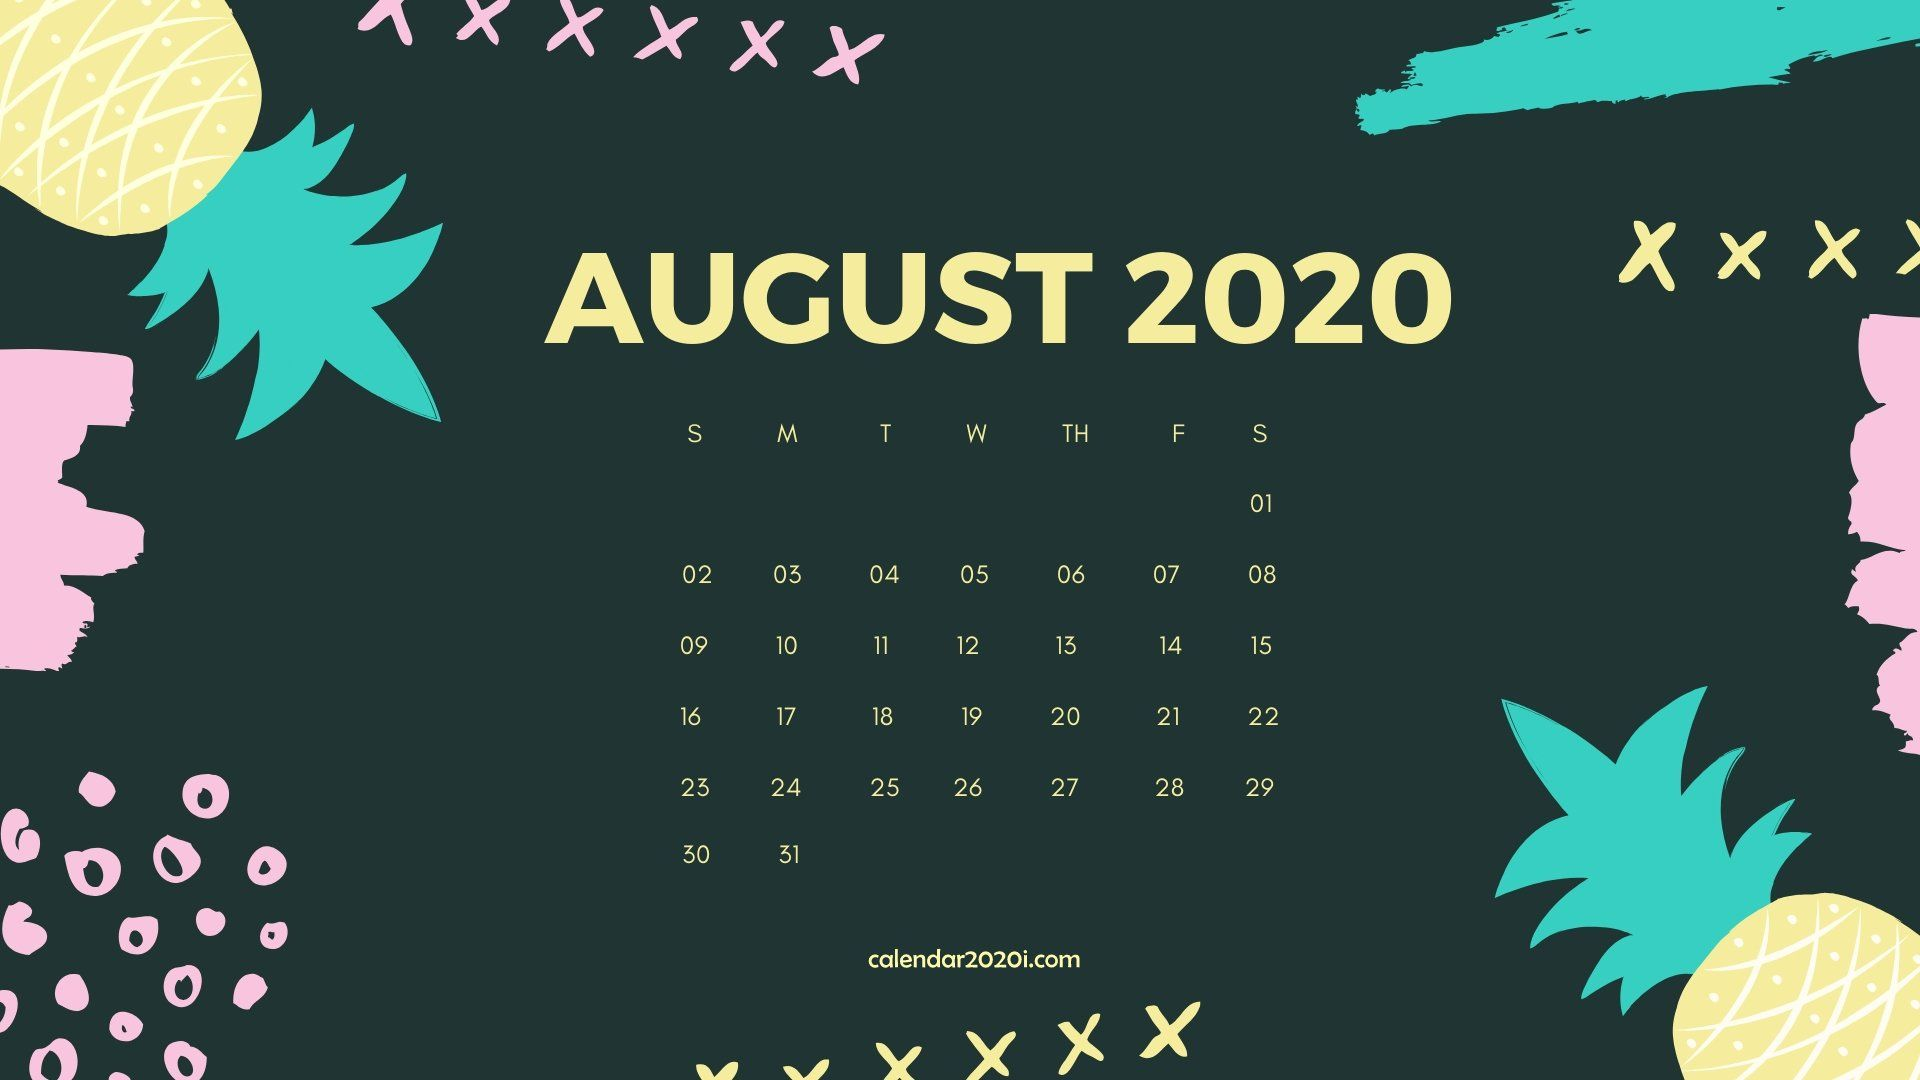 August 2020 Calendar Desktop Wallpaper | Calendar ...